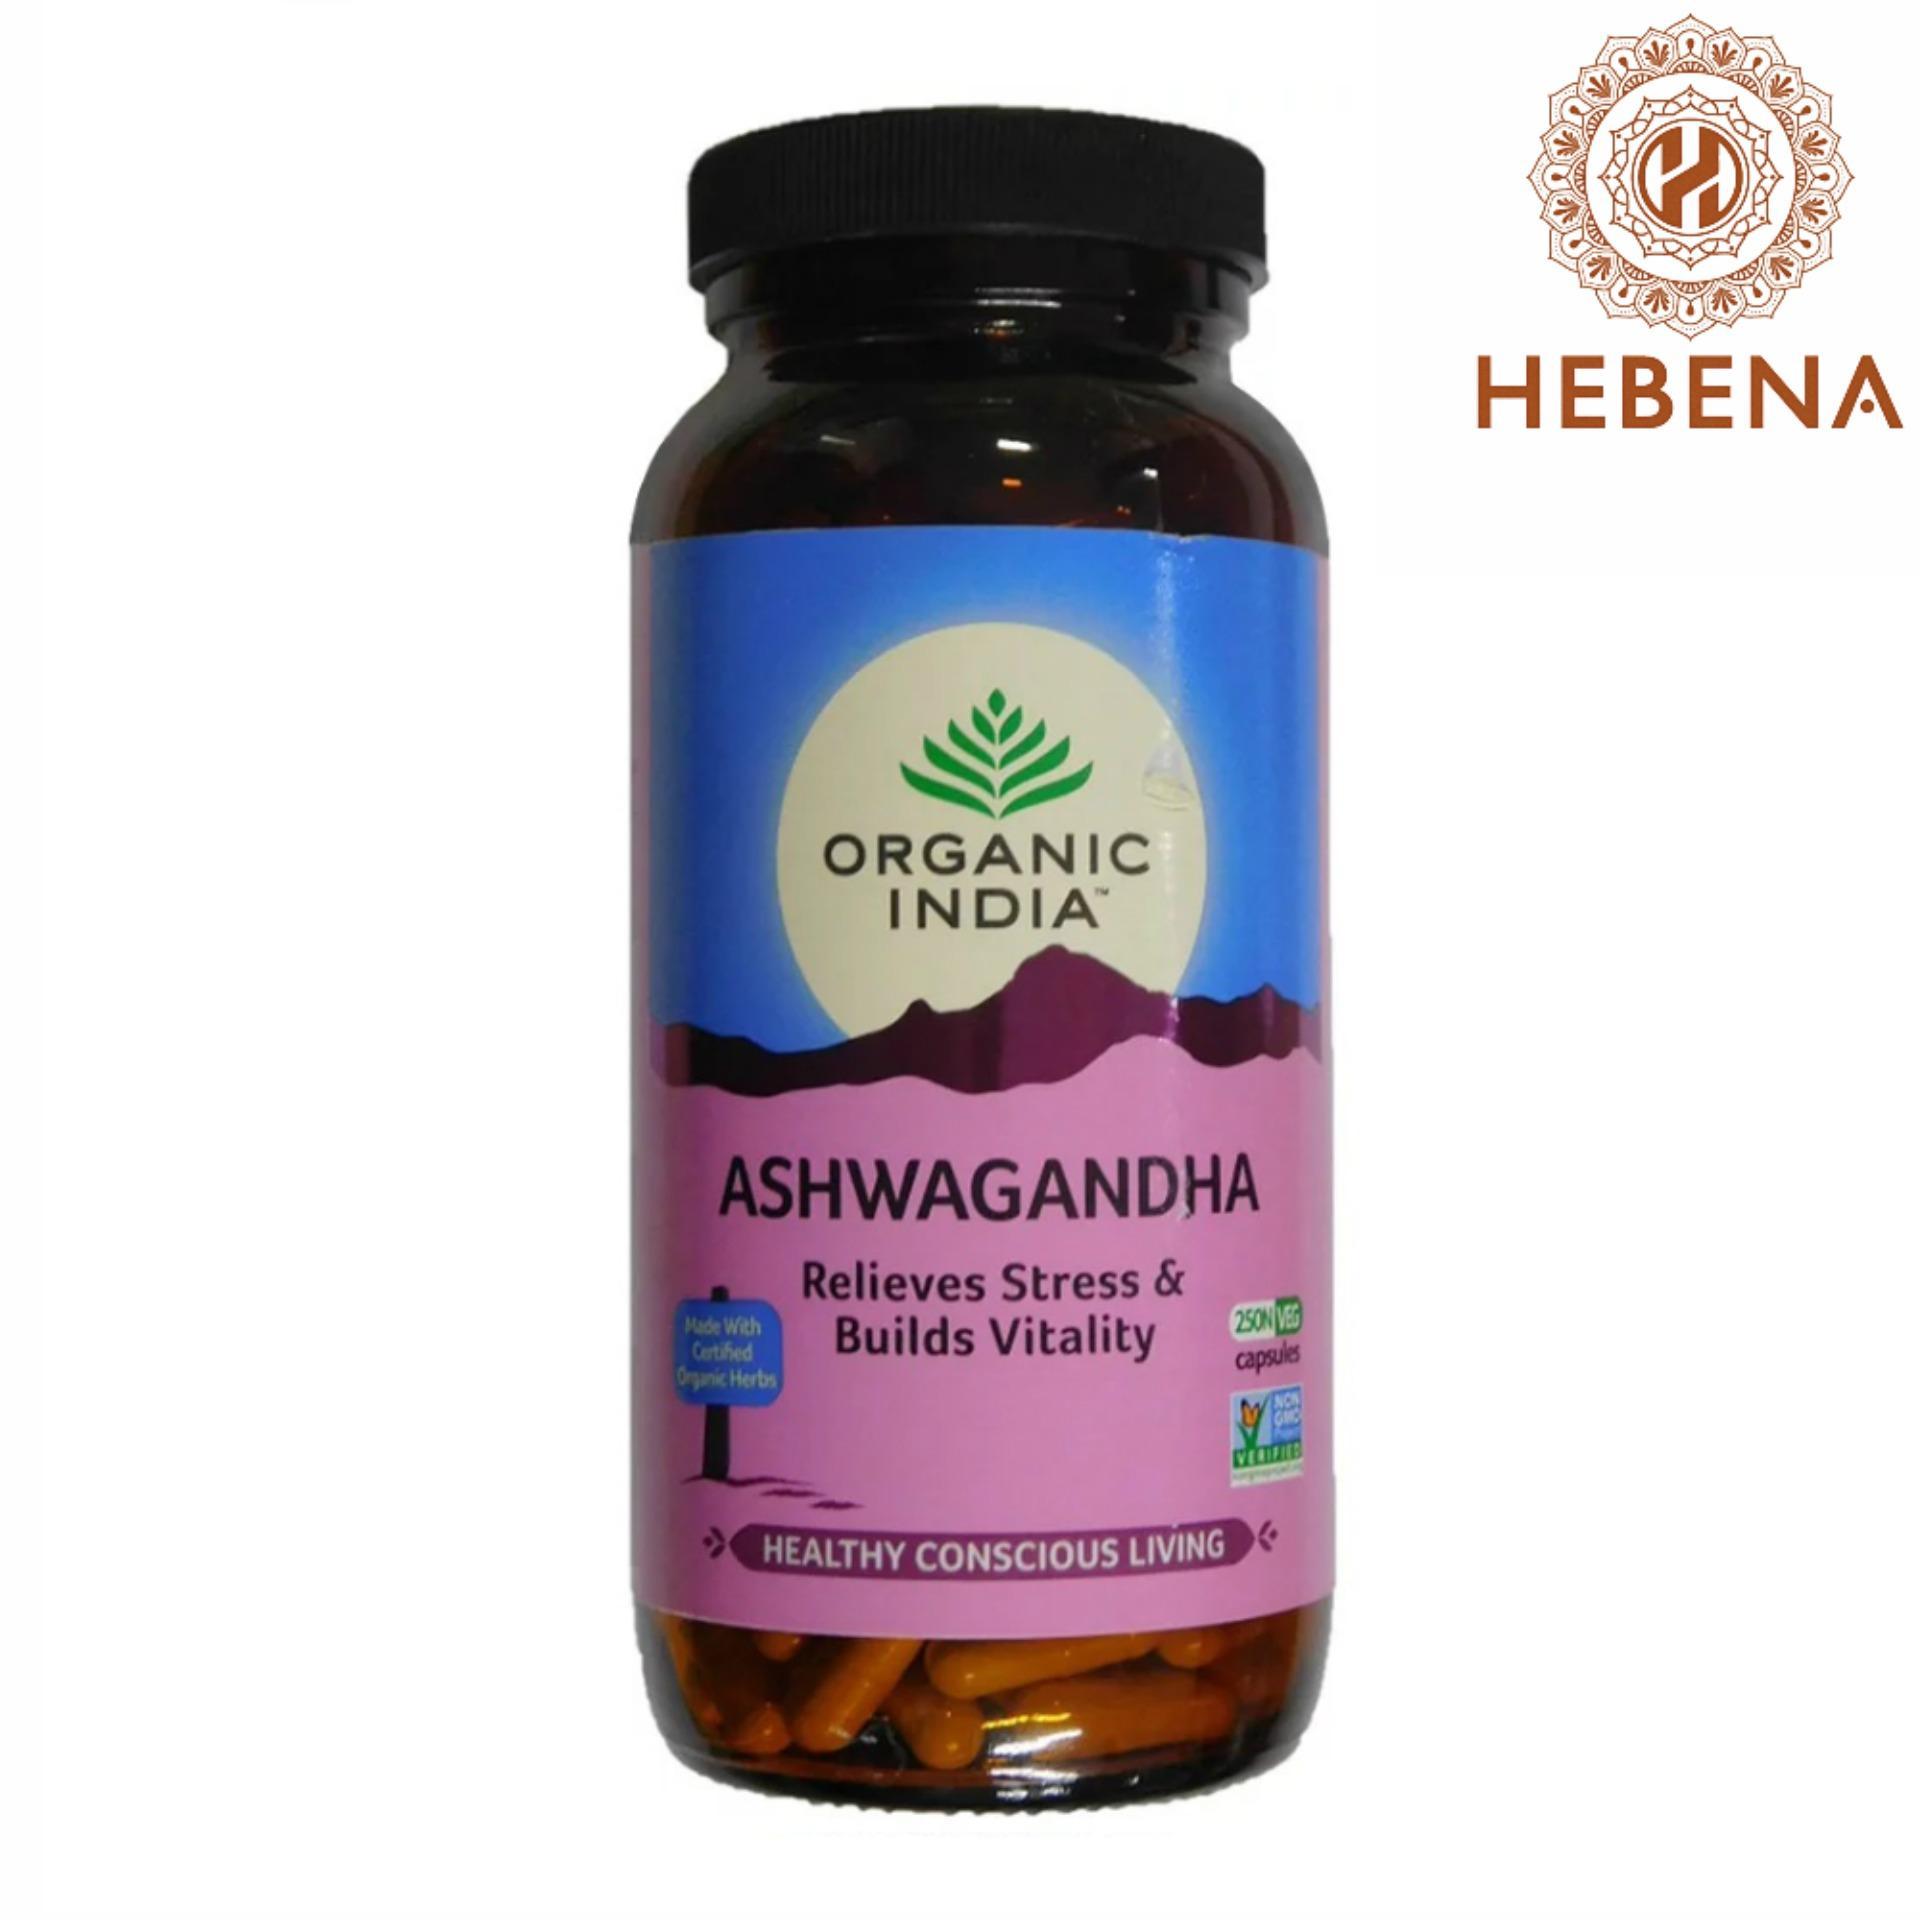 Viên uống nhân sâm Ấn Organic India Ashwagandha 250 viên - hebenastore